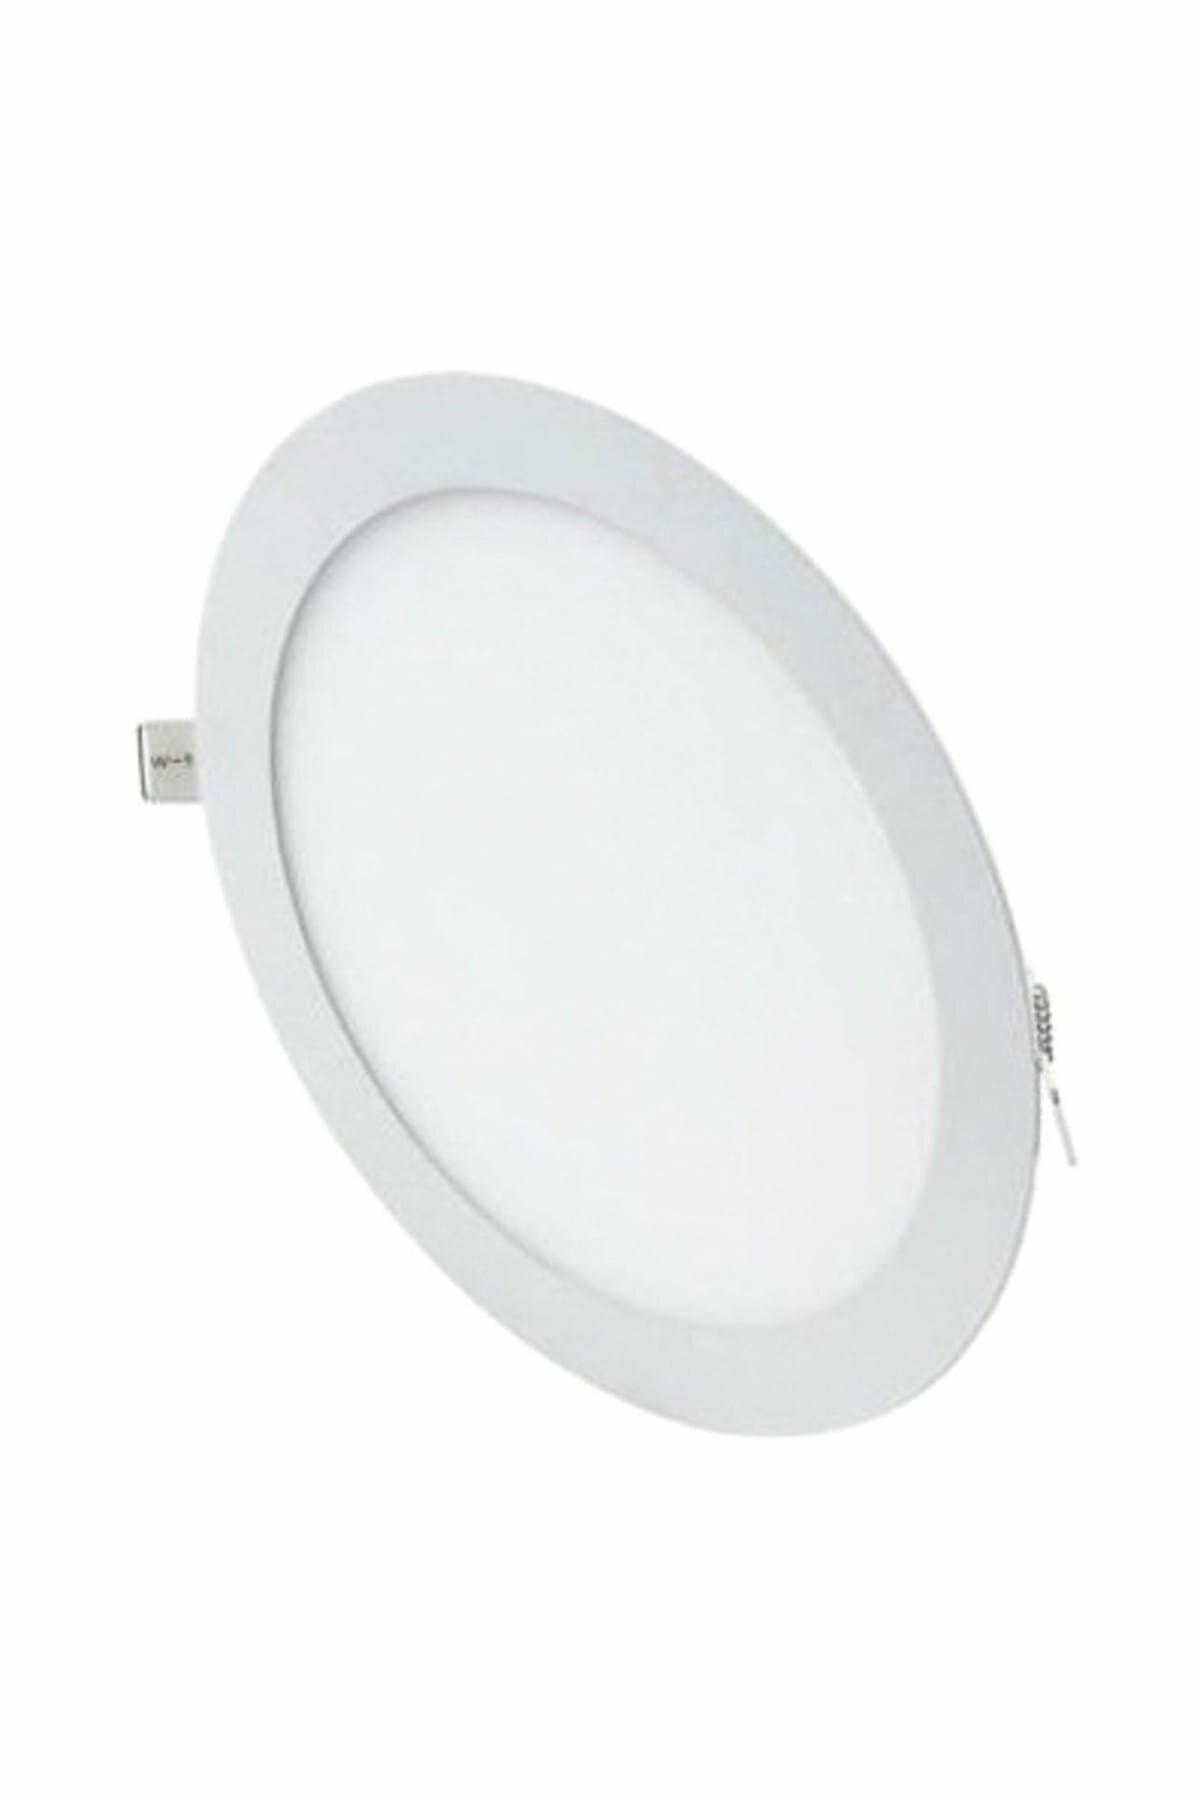 18W Sıva Altı Led Panel Spot CT-5149 - Gün Işığı - Plastik Kasa